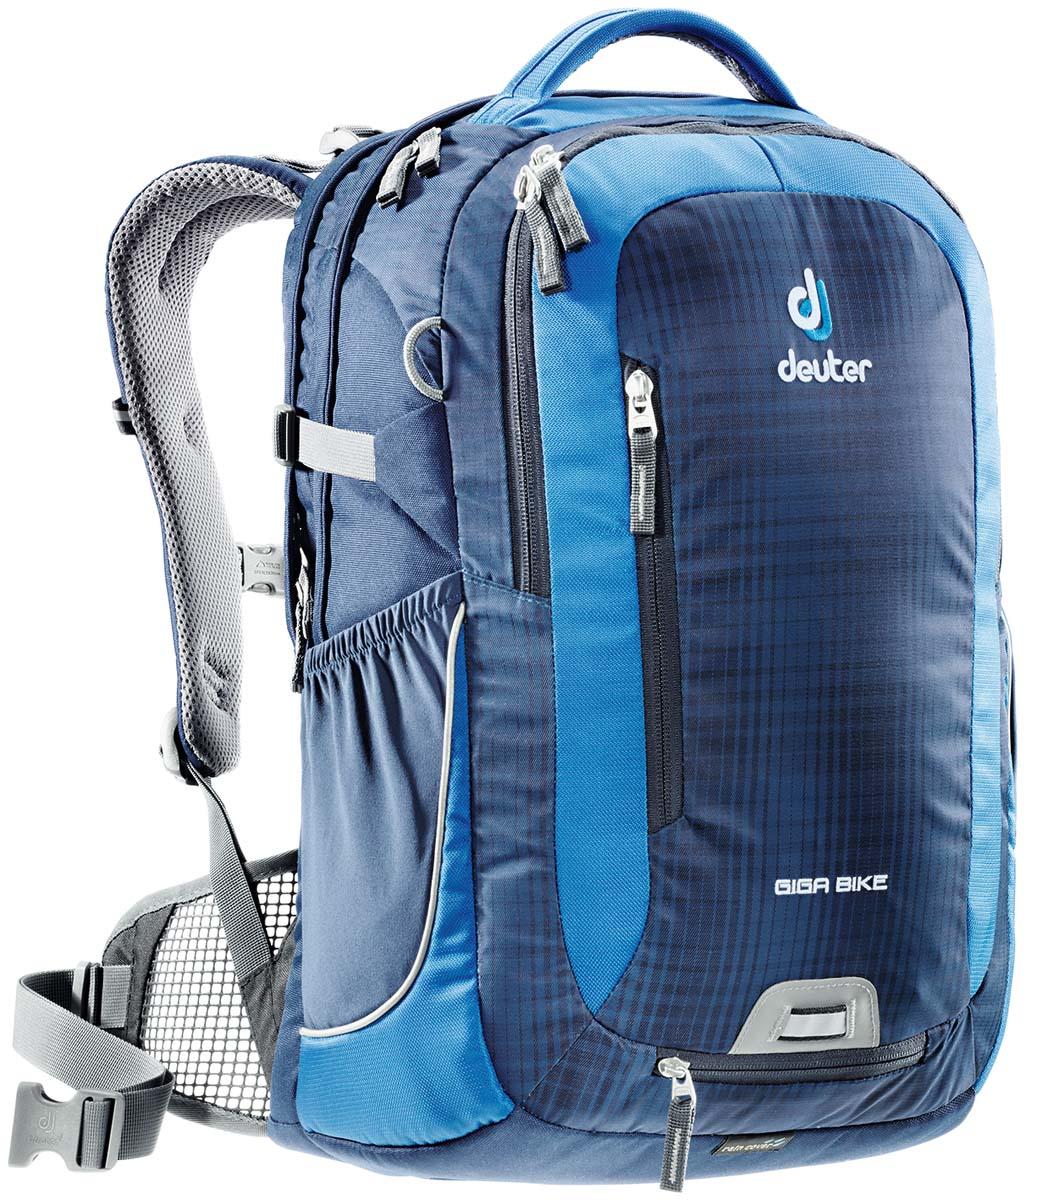 Рюкзак Deuter Giga Bike, цвет: светло-голубой, синий, 28л туристический рюкзак deuter 80419 giga